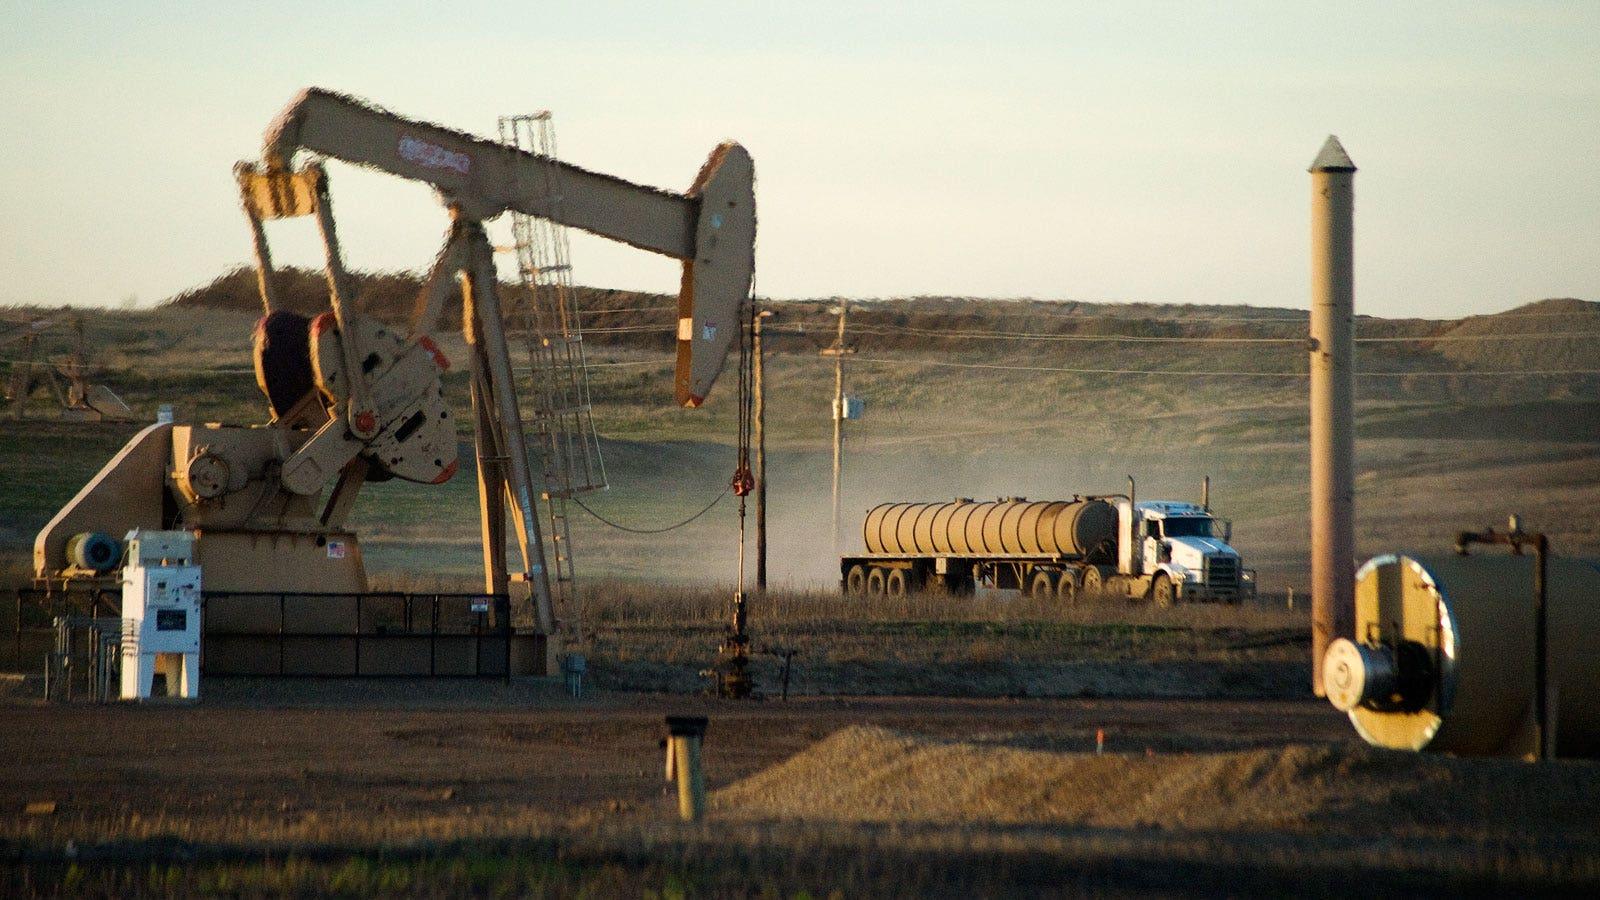 Oil rises 2 percent on hopes for China economic stimulus ...